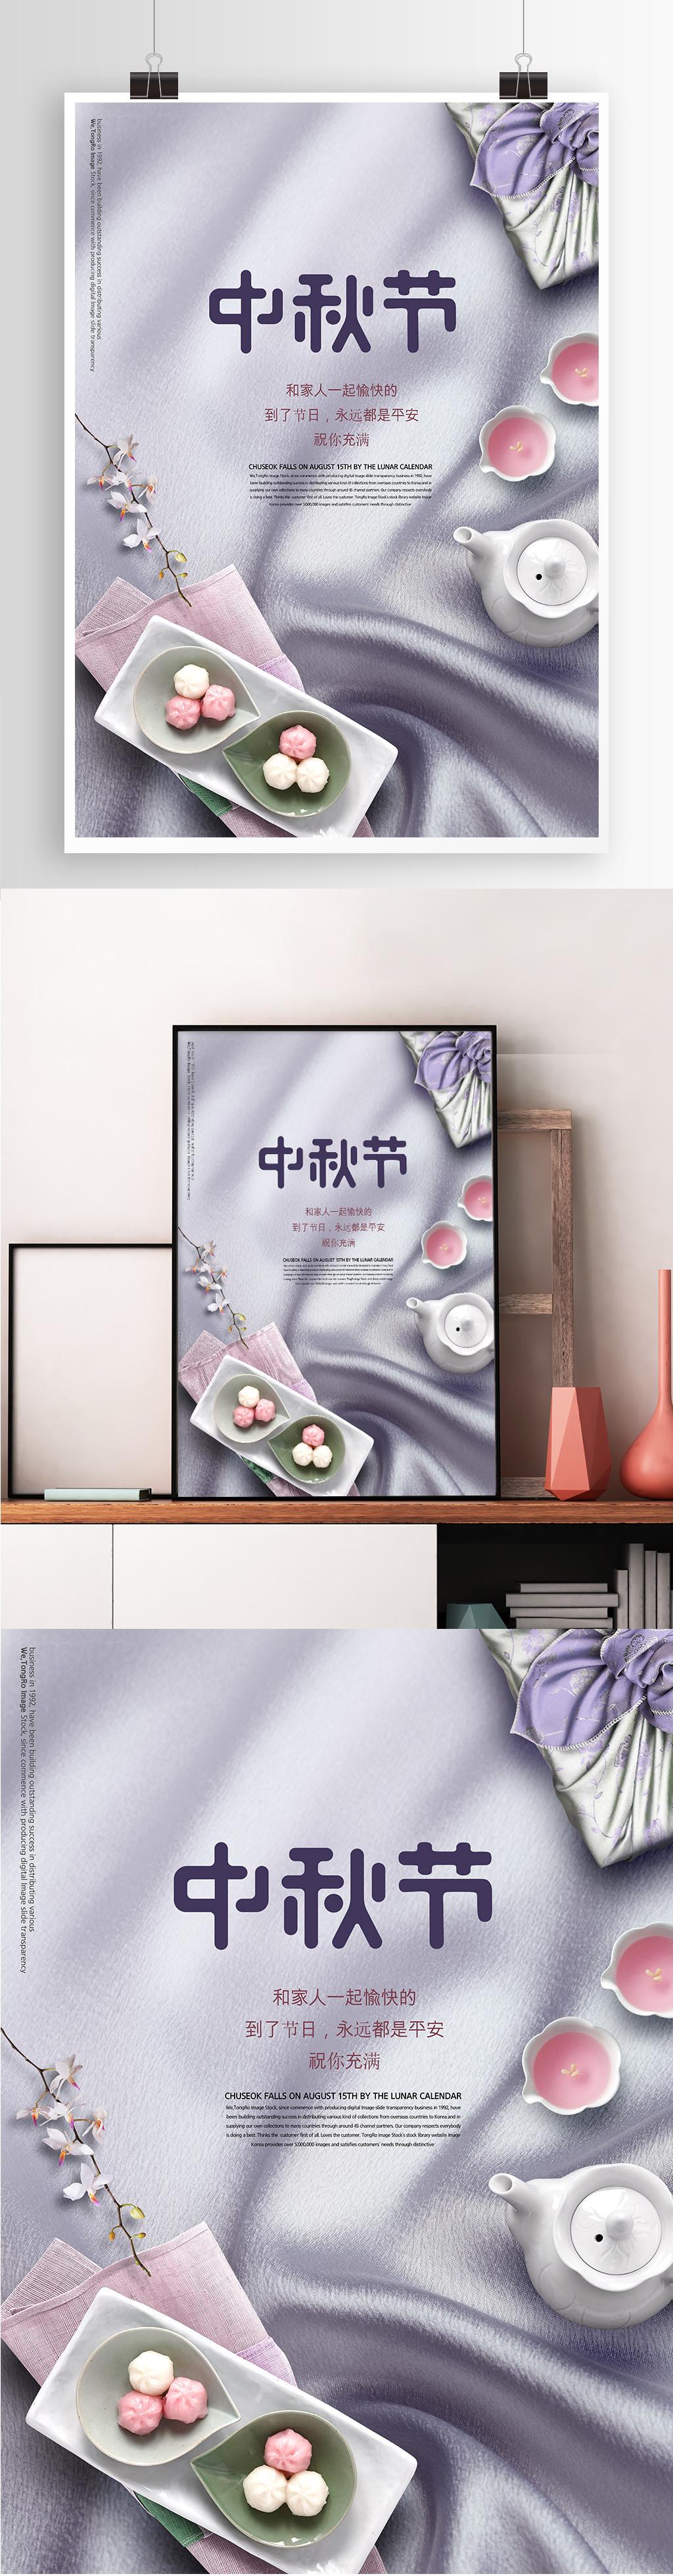 丝绸背景浅色系传统节日中秋节祝福海报